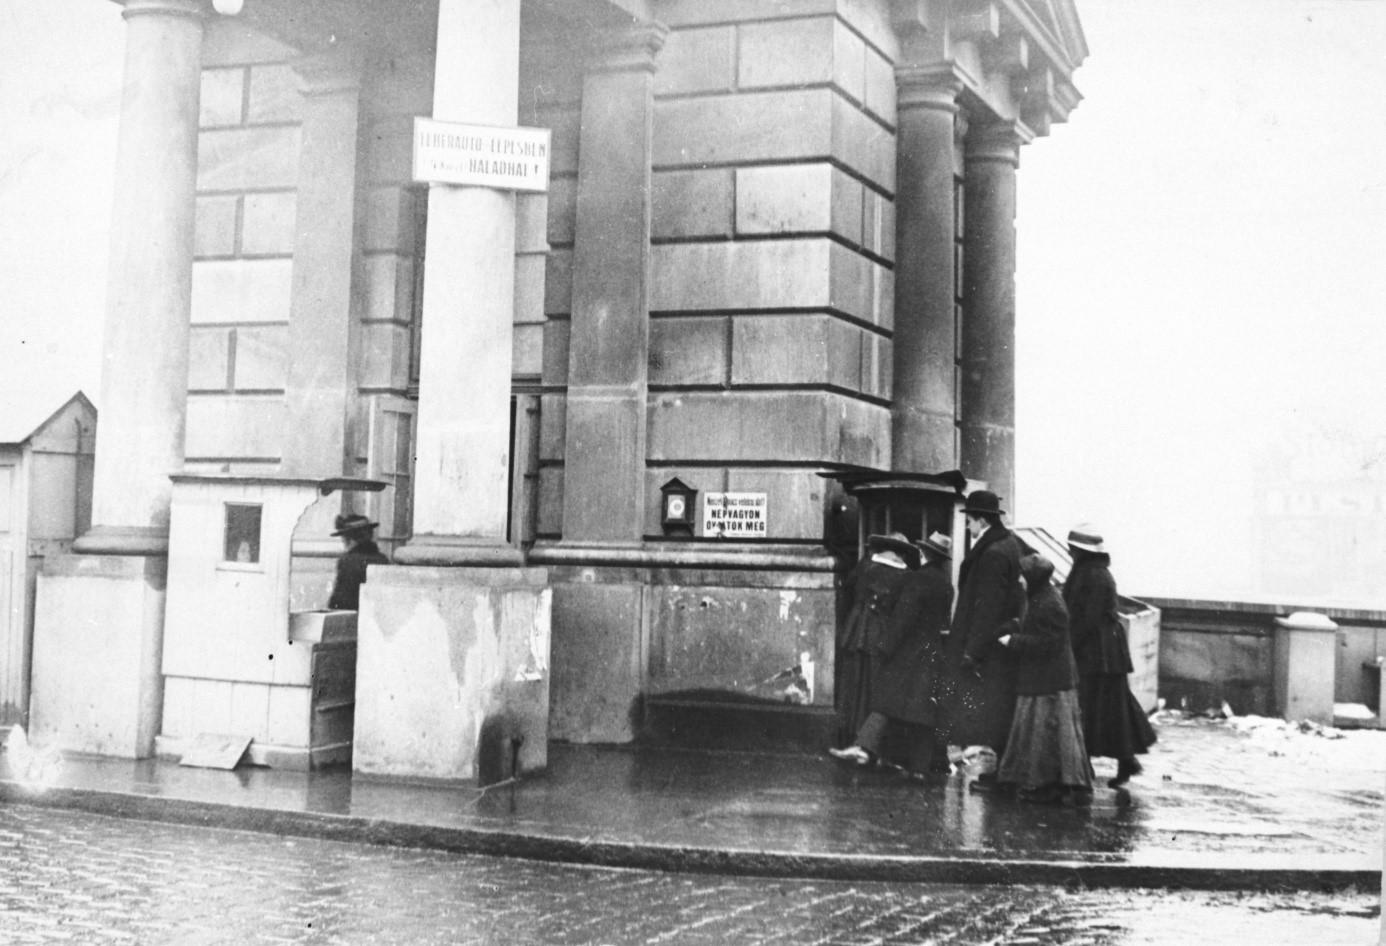 Magyar Műszaki és Közlekedési Múzeum, Történeti Fényképek Gyűjteménye, MMKM TFGY 5404